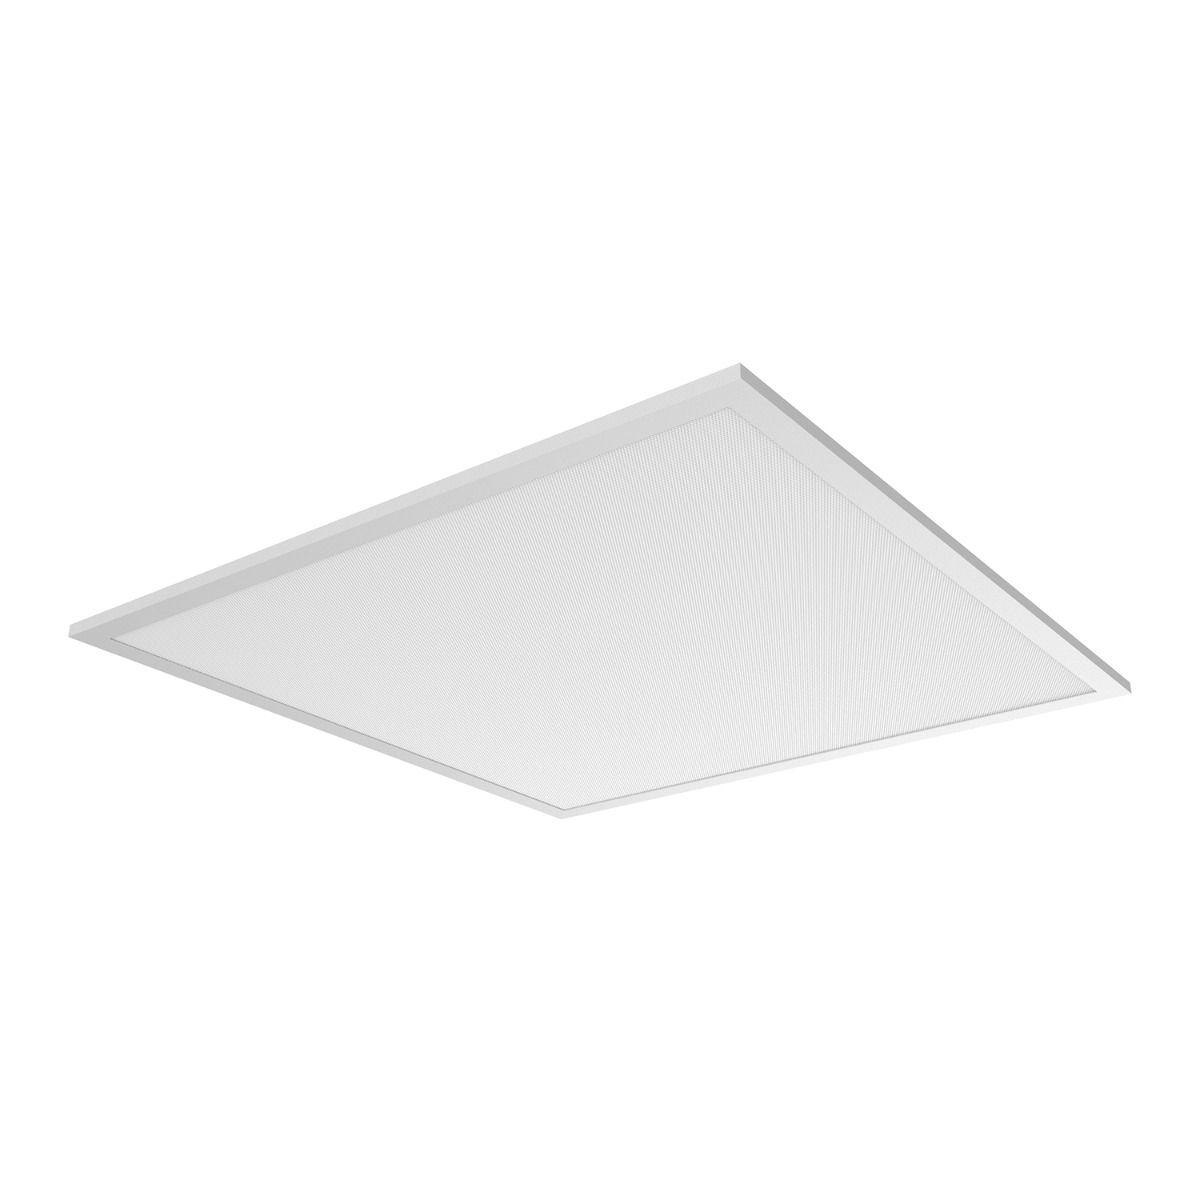 Noxion LED Paneeli Delta Pro V3 30W 3000K 3960lm 60x60cm UGR <19 | Lämmin Valkoinen - Korvaa 4x18W